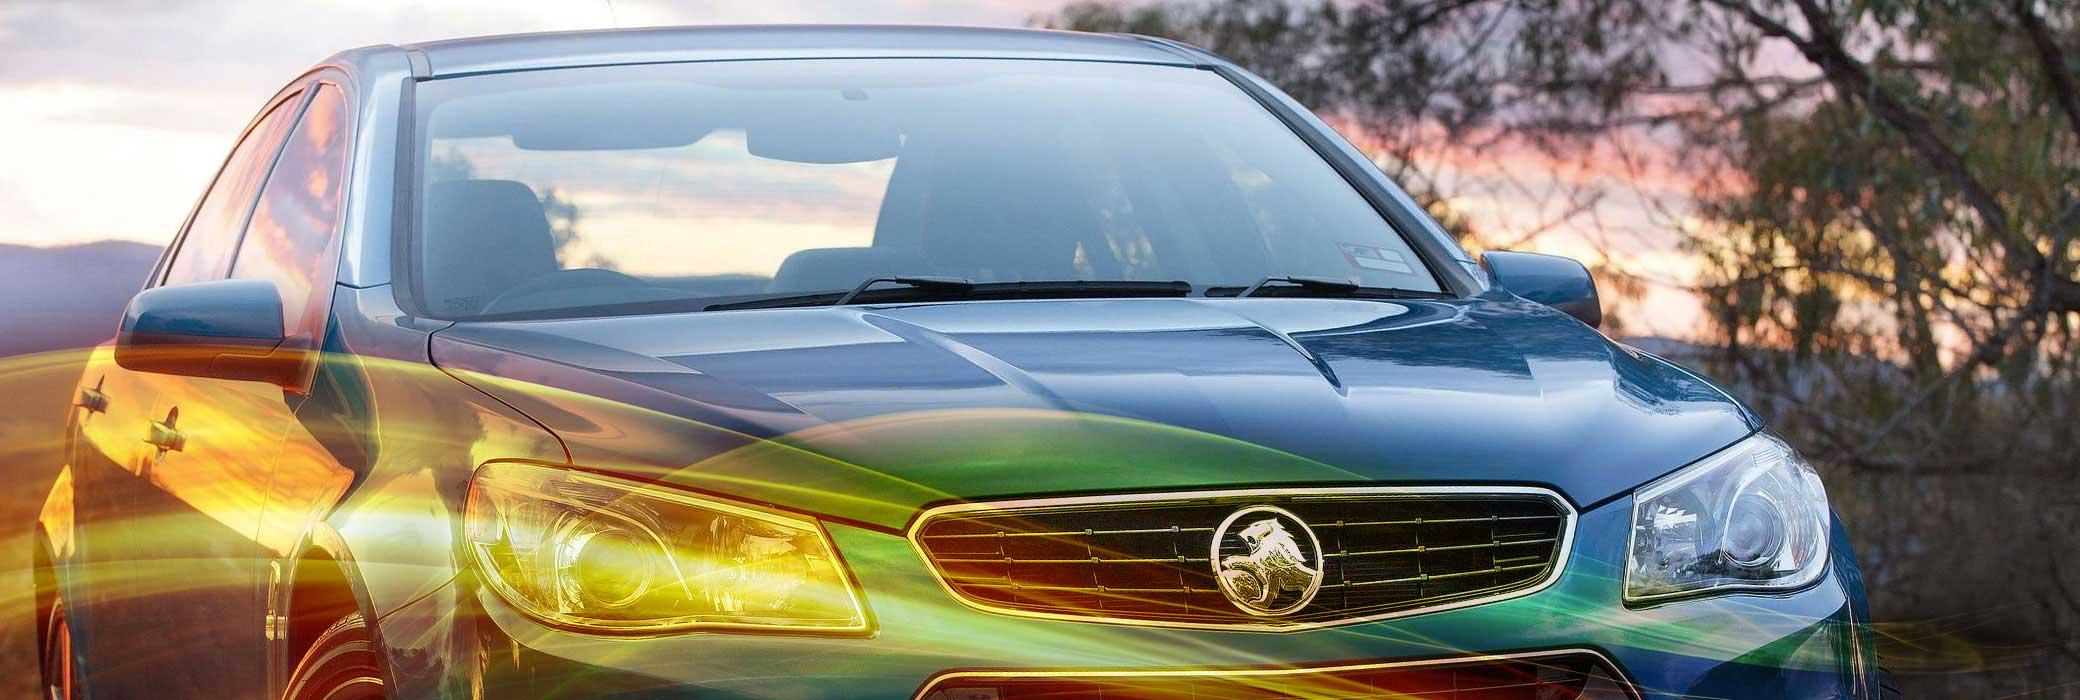 Holden car battery